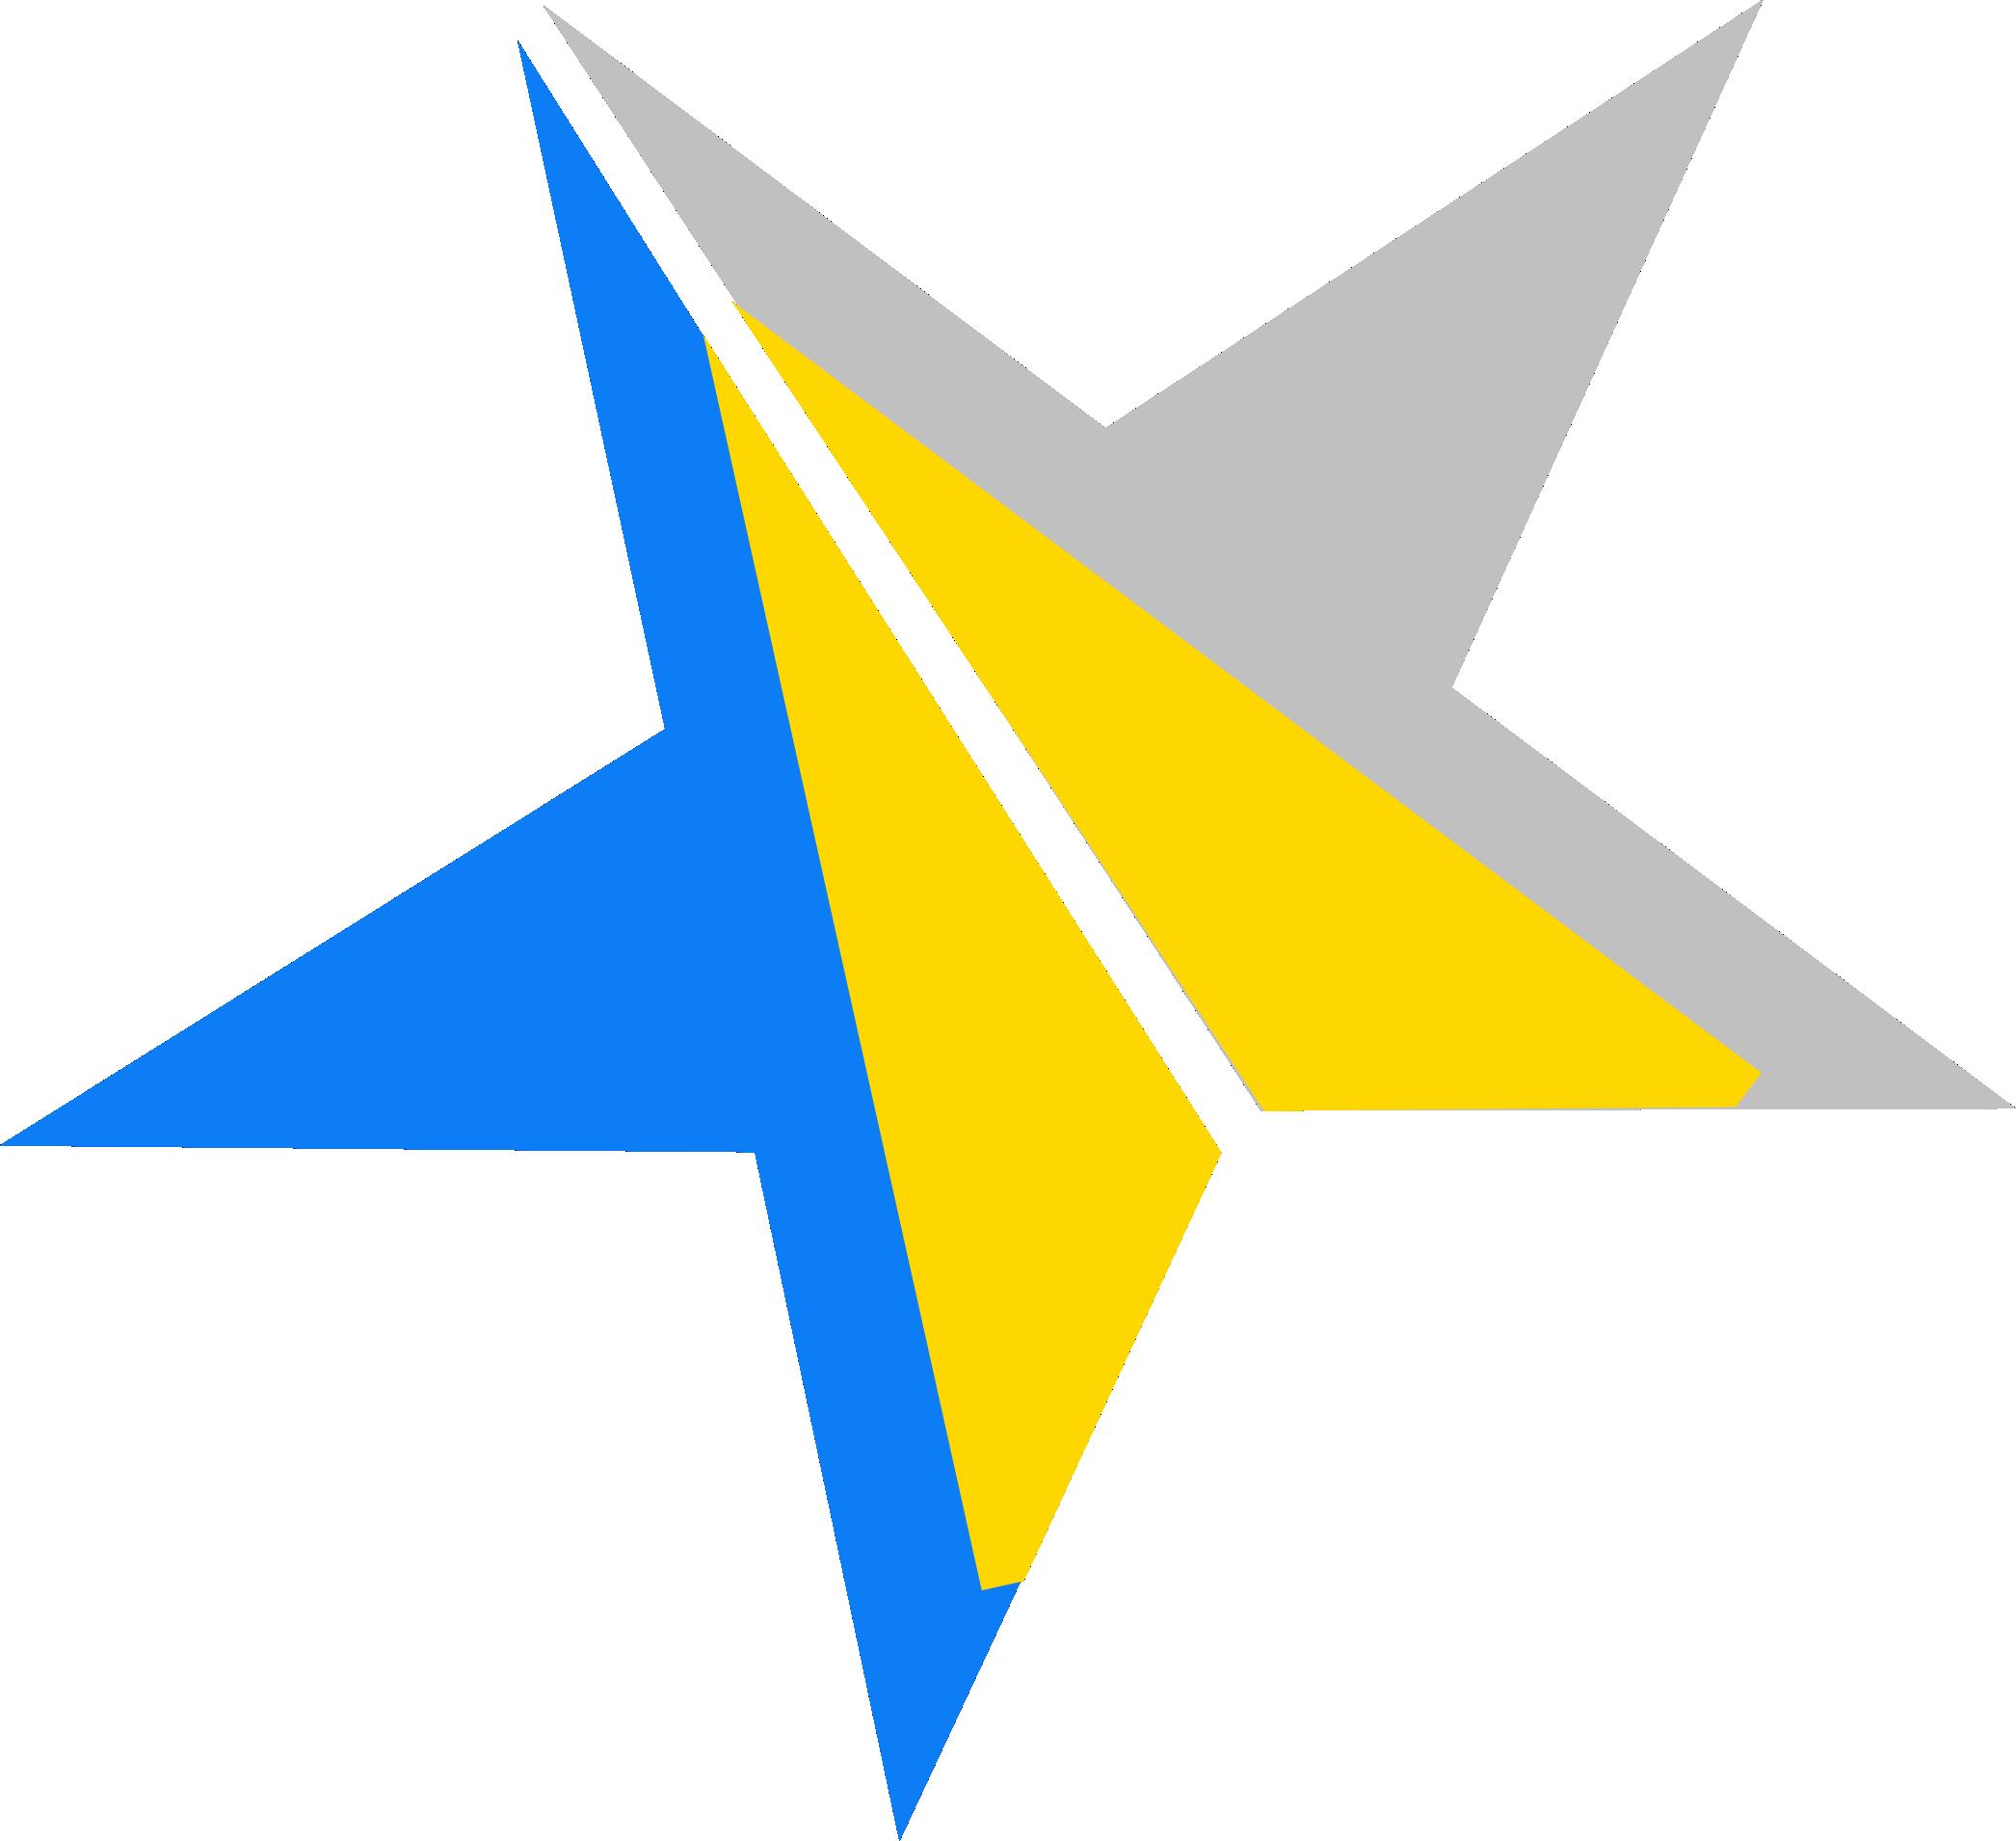 A-life_Bullet point logo